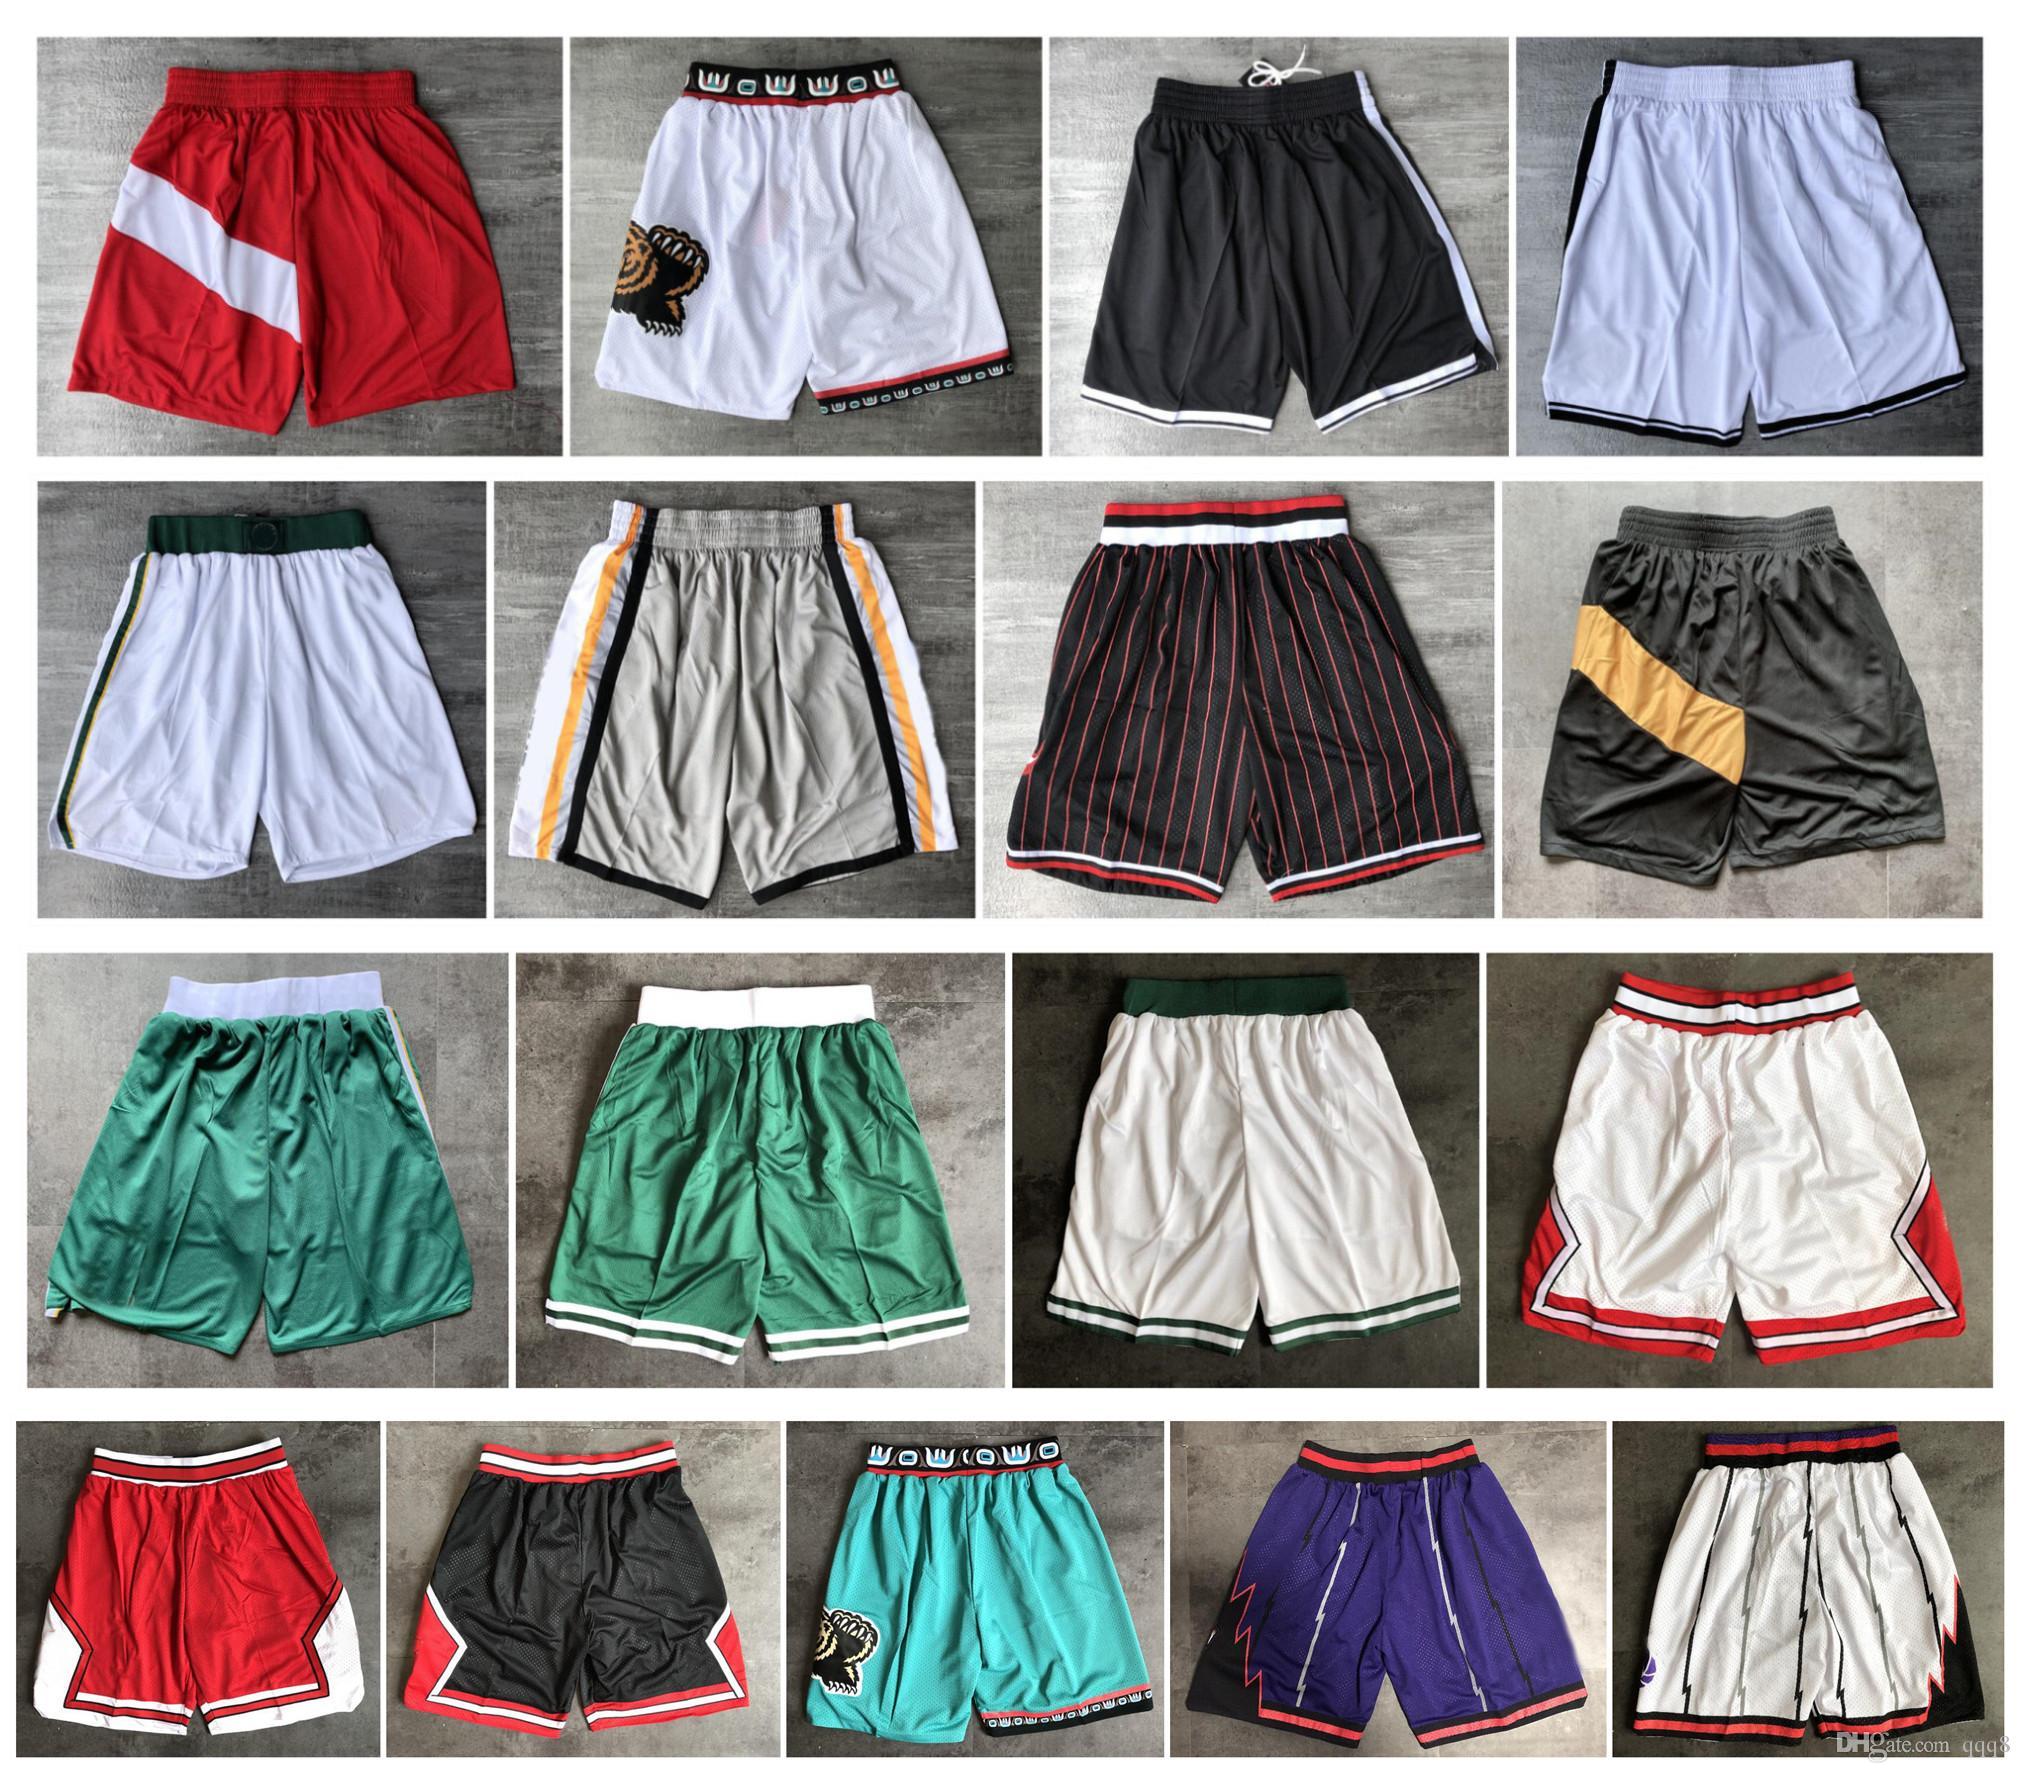 أعلى جودة ! 2019 فريق كرة السلة سراويل الرجال السراويل pantaloncini دا سلة الرياضة السراويل كلية السراويل أبيض أسود أحمر أرجواني أخضر